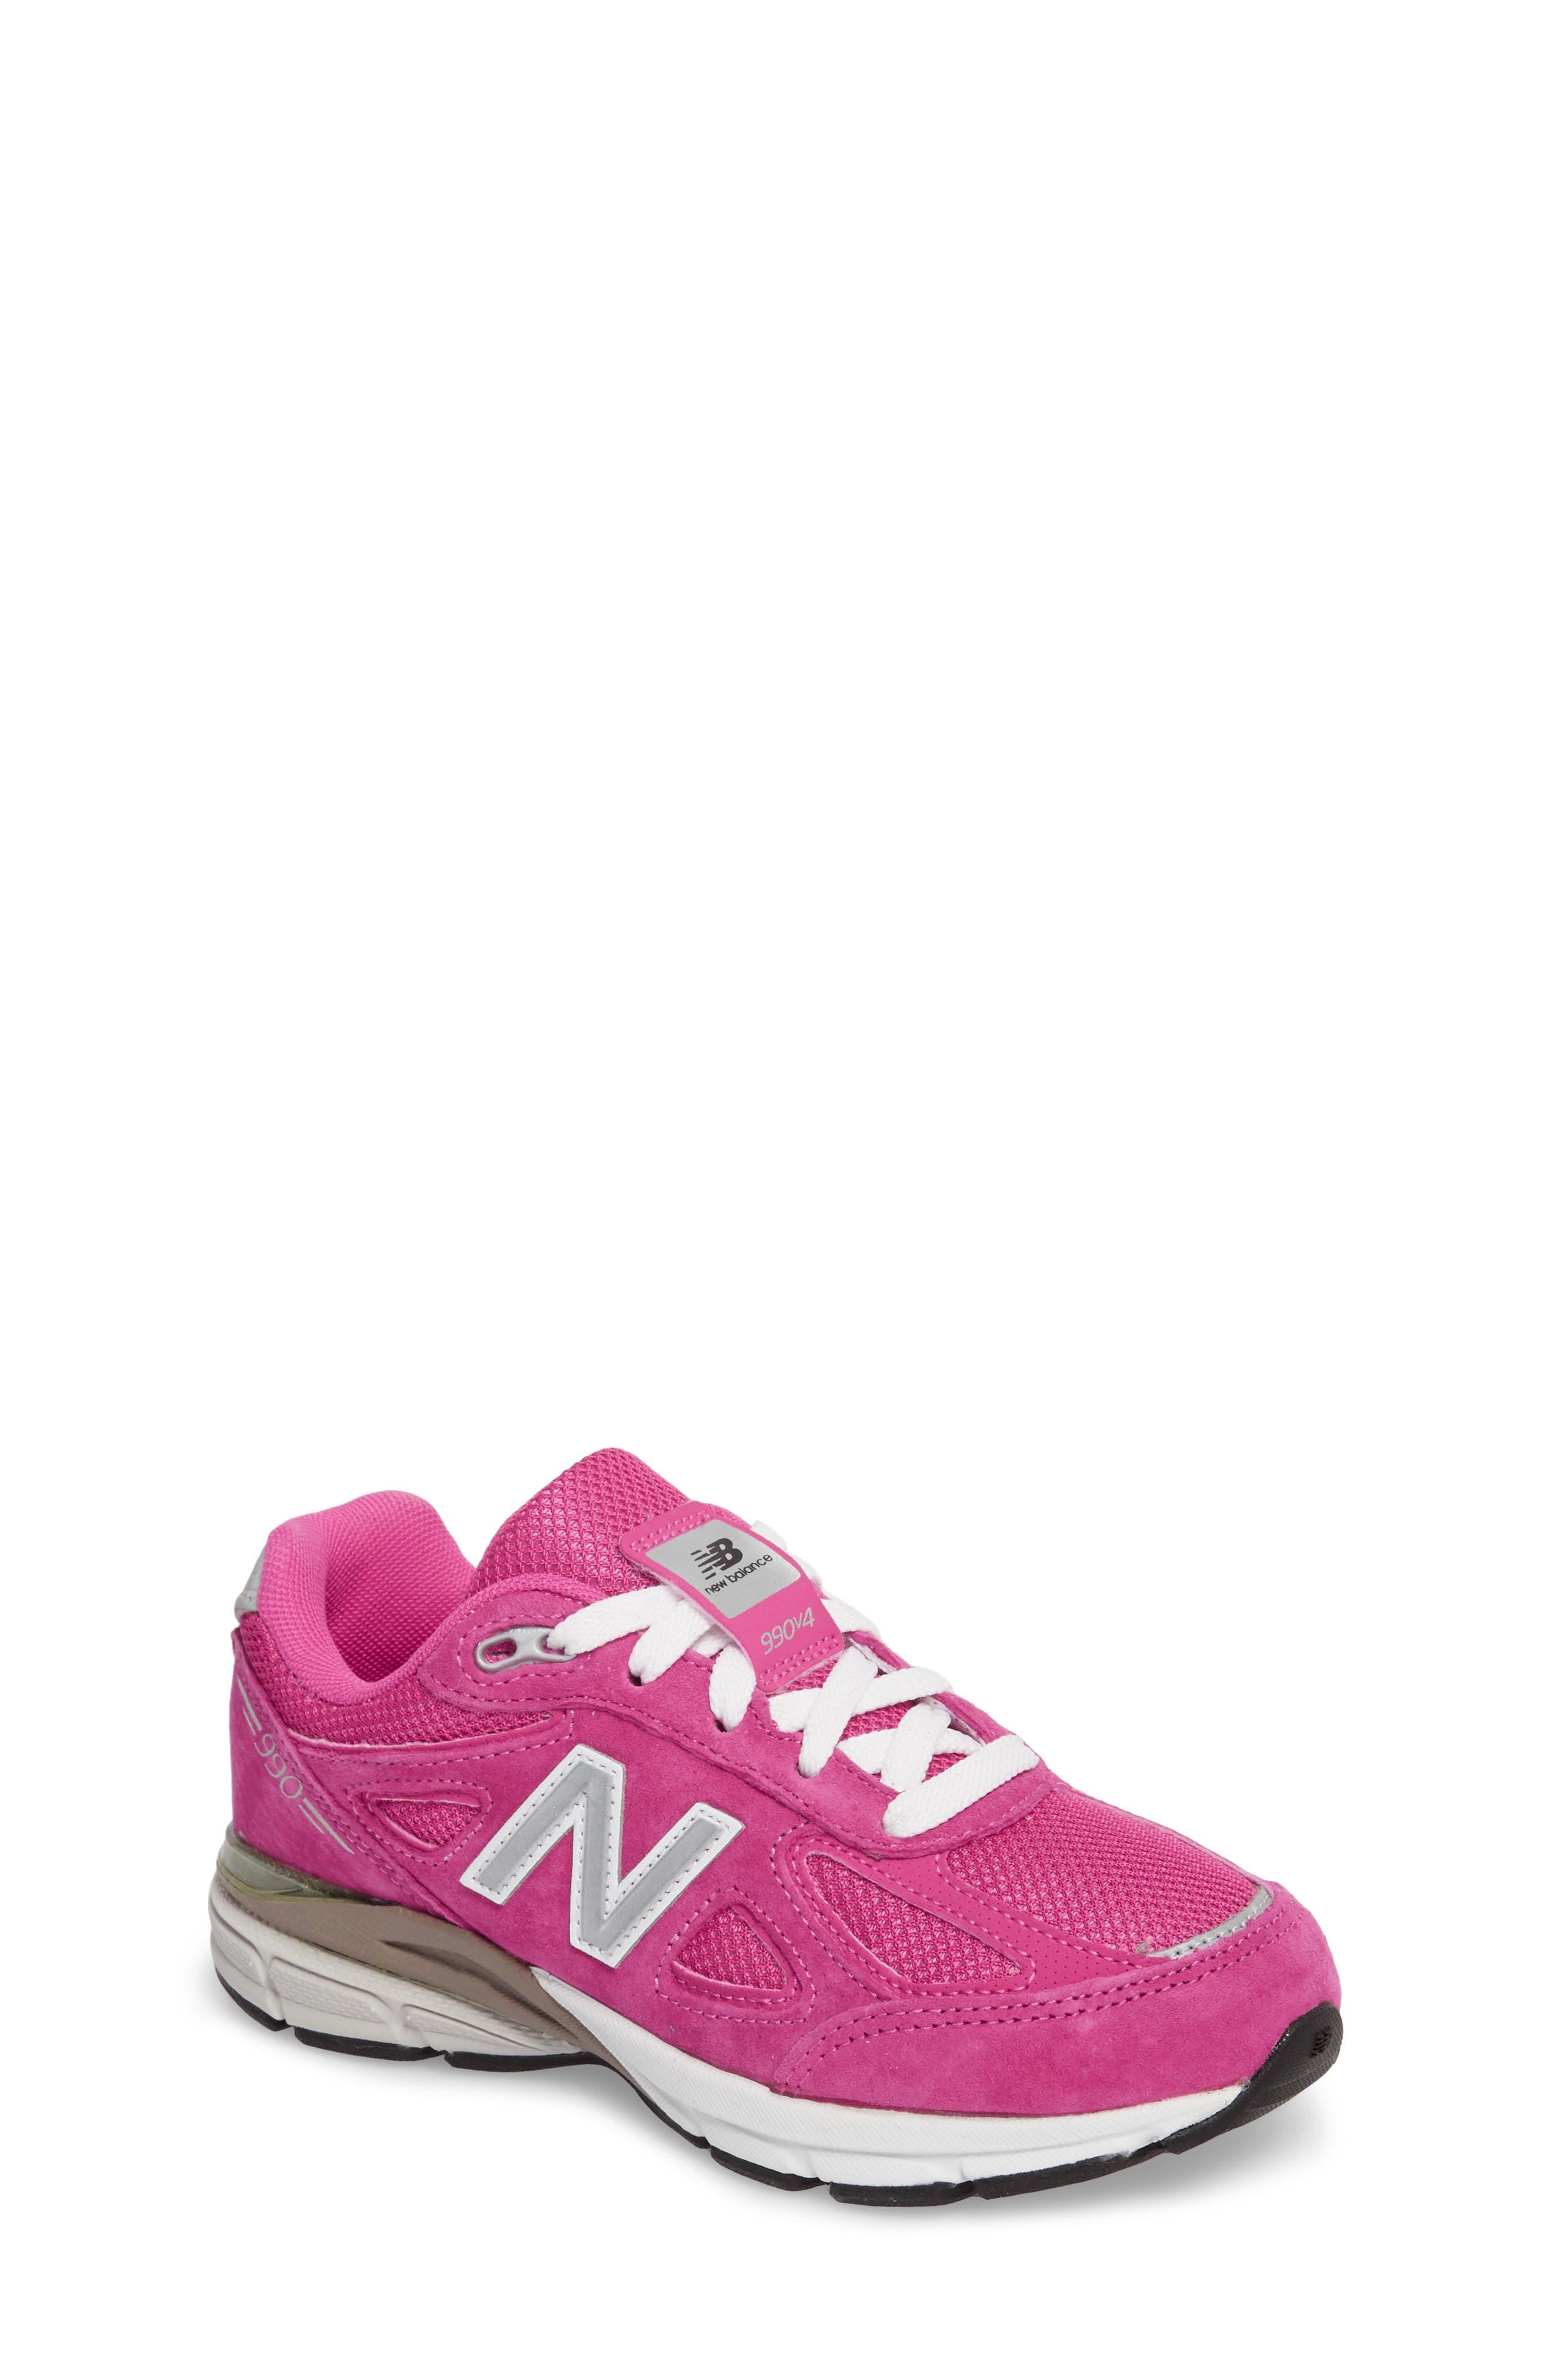 New Balance 990v4 Sneaker (Toddler & Little Kid)